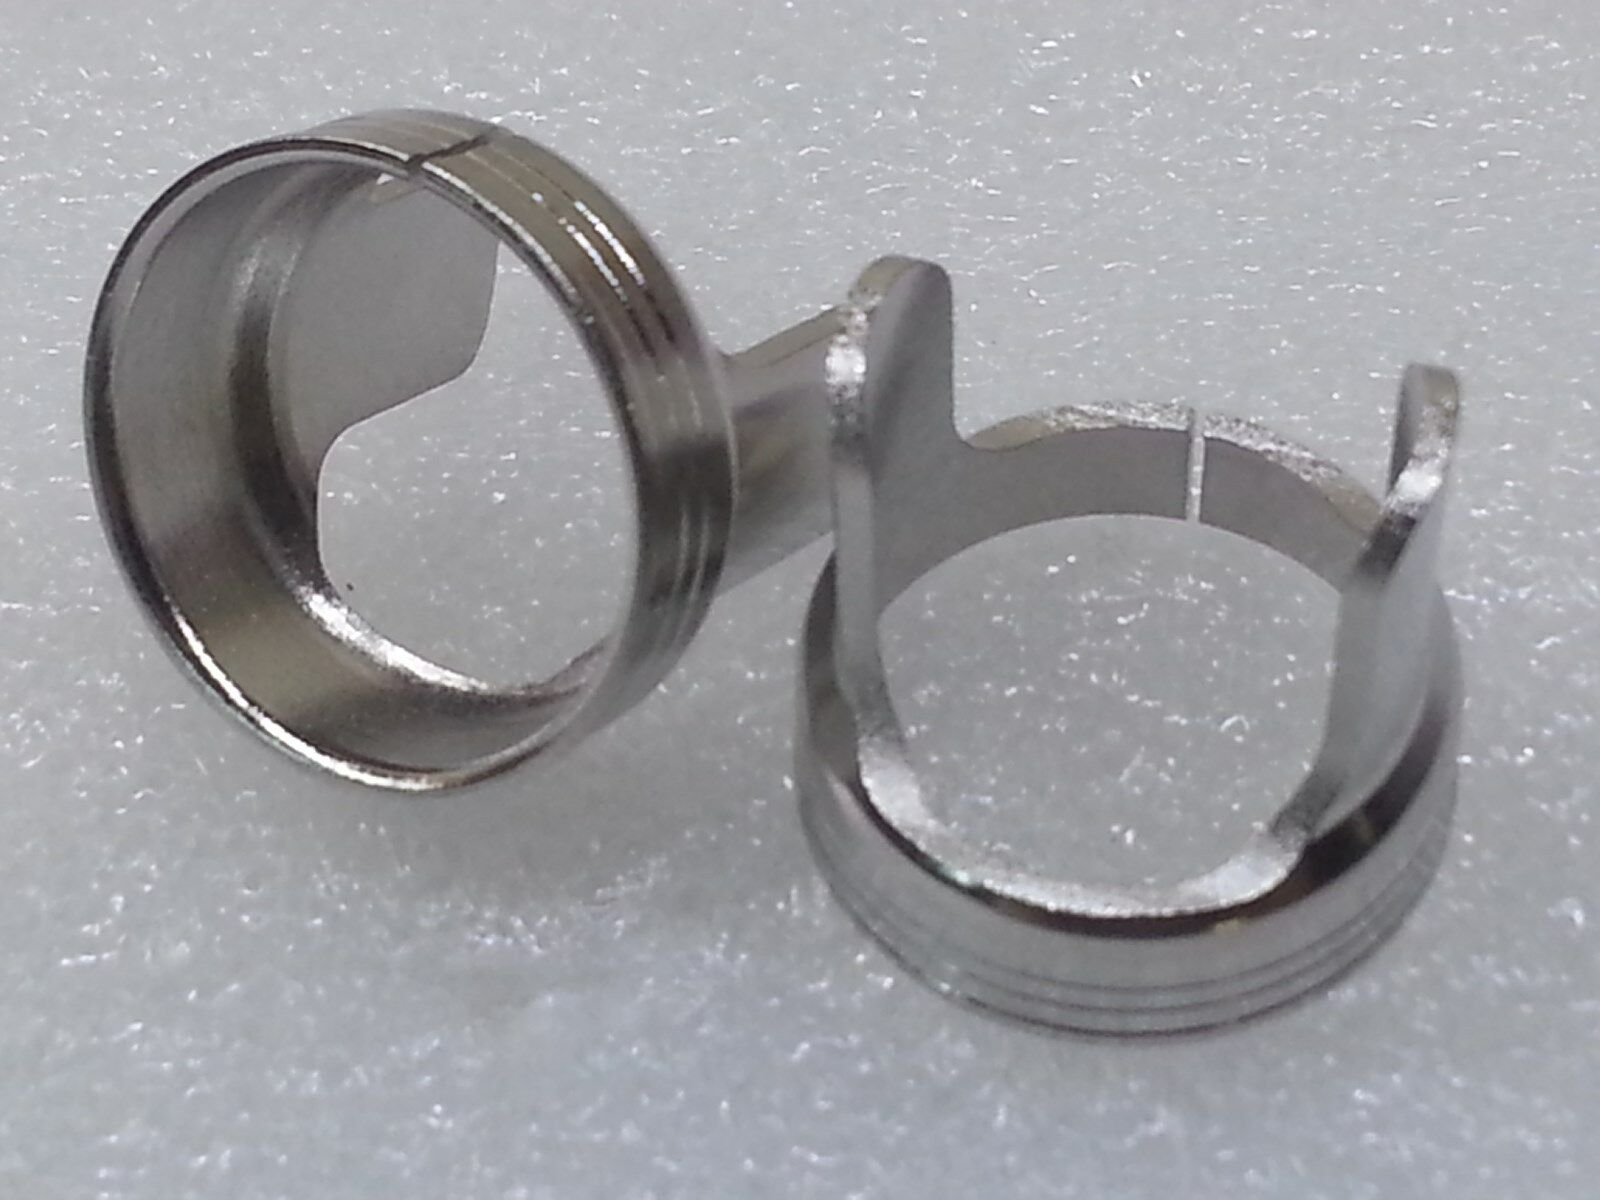 5 x Retaining Cup Grey Ceramic End Cap 60390 for PT40 /& PT60 Plasma Torches